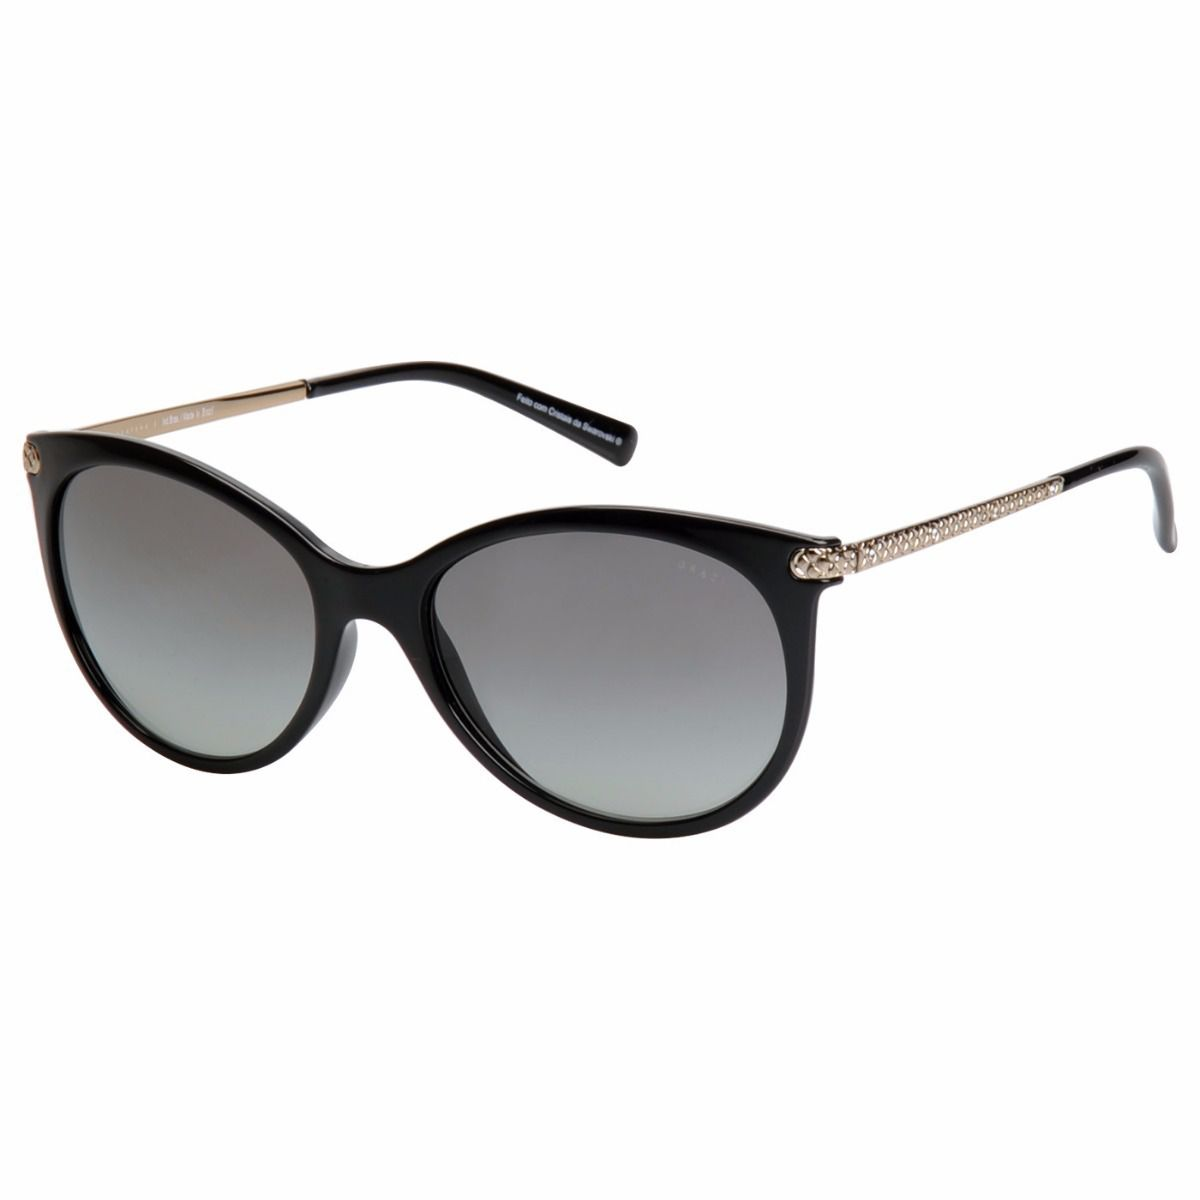 e5af28f90a9e7 Óculos de Sol Feminino Grazi Massafera GZ4018B E431 - Omega Ótica e ...